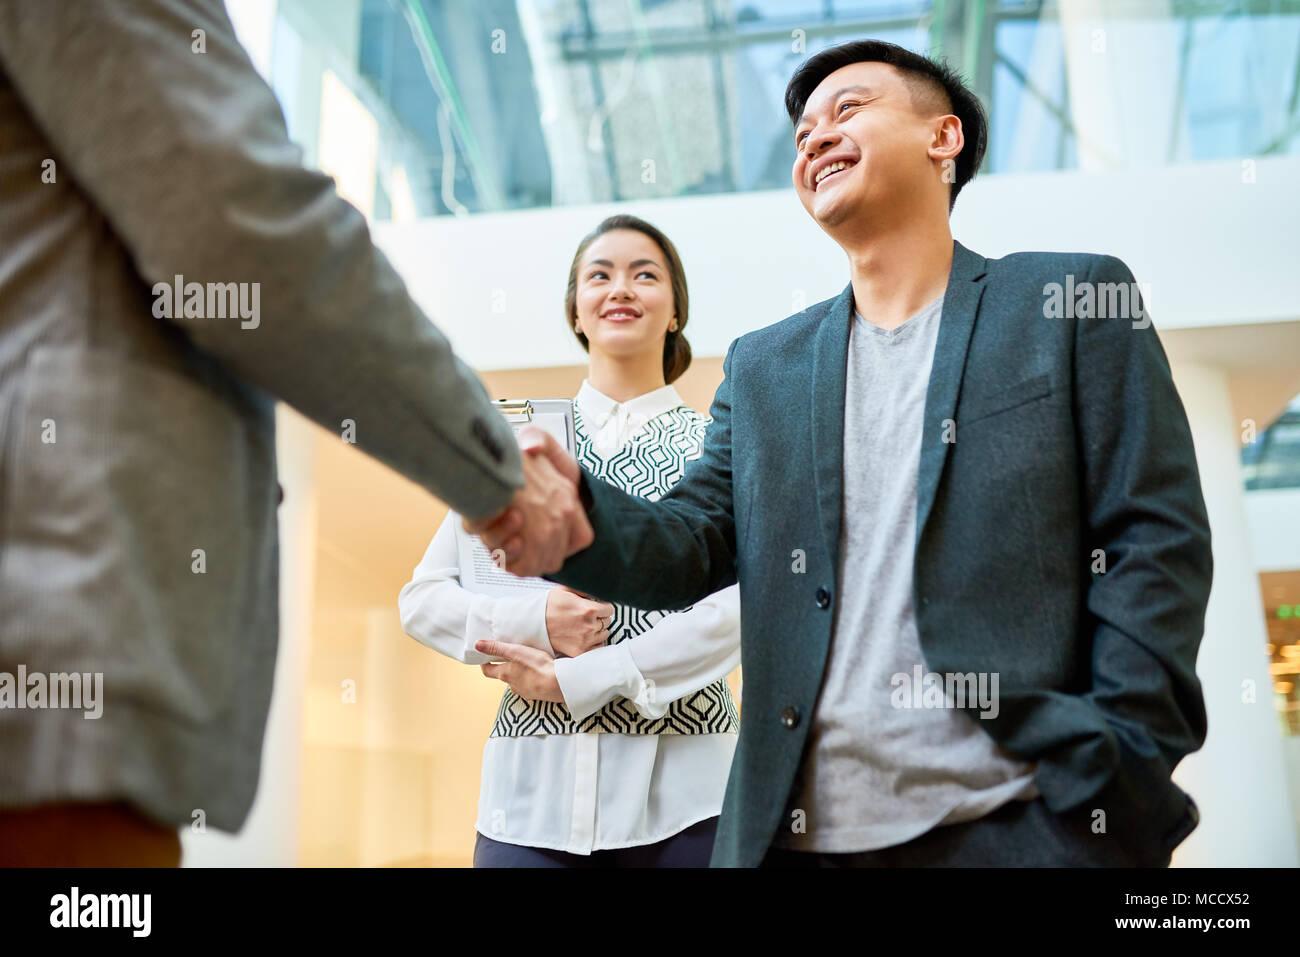 Saludo Business Partner con Handshake Imagen De Stock